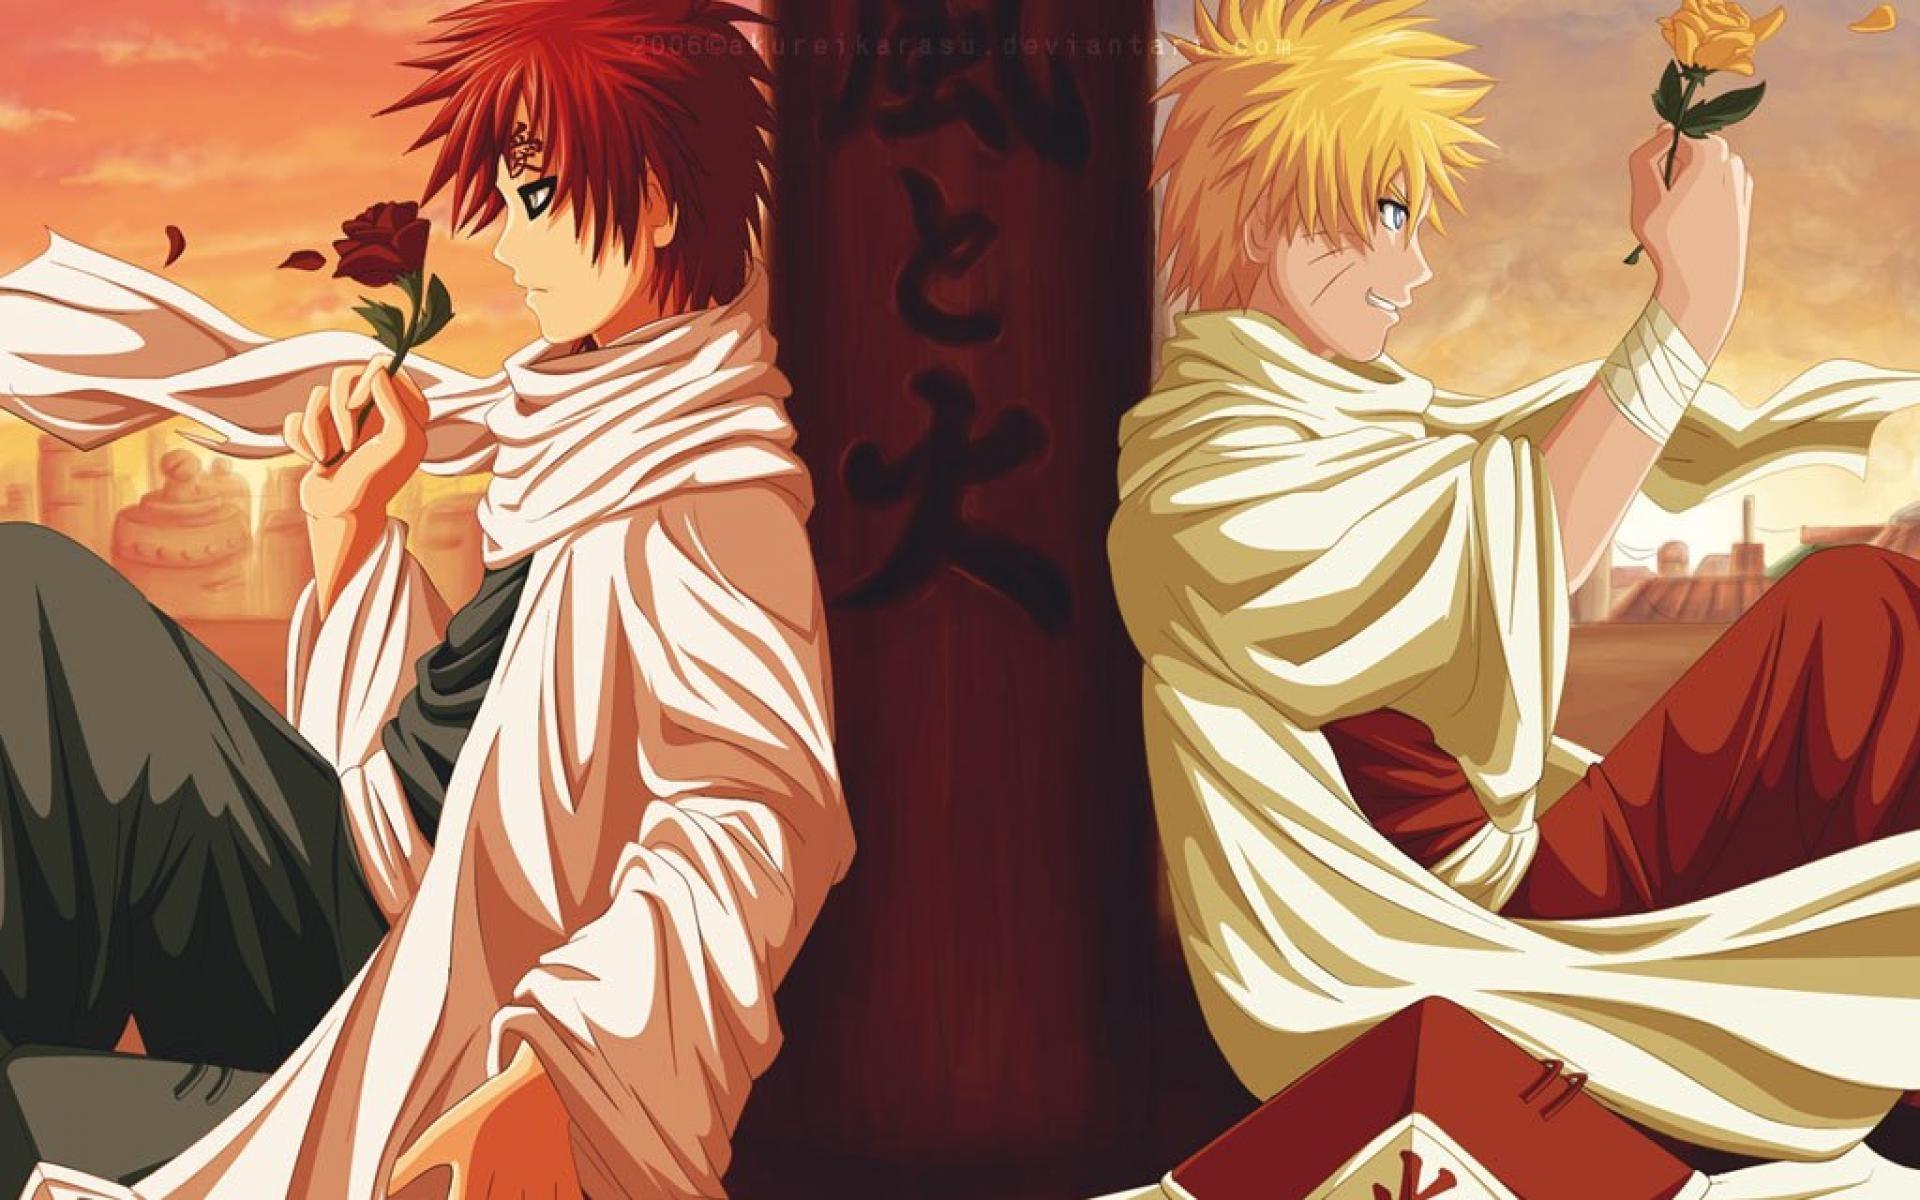 Gaara-Naruto HD Wallpaper